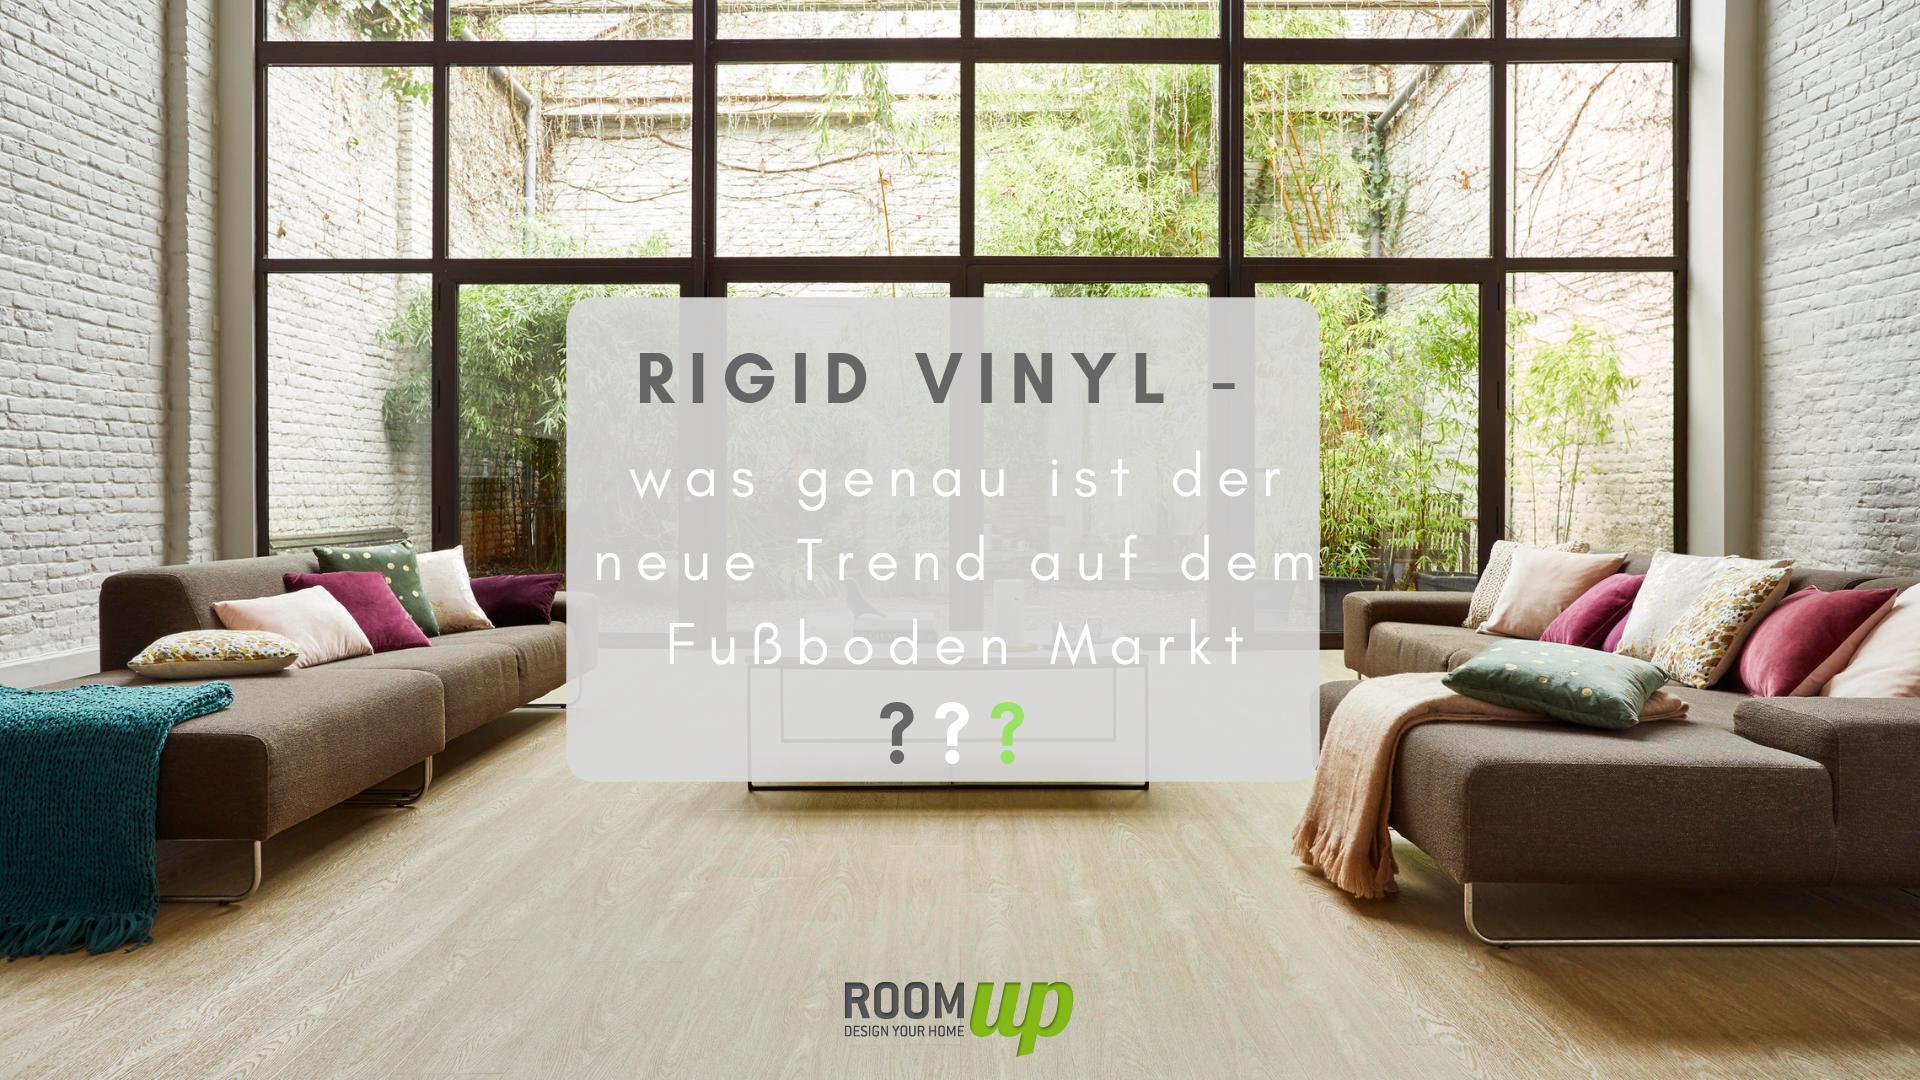 rigid vinyl was ist der neue trend auf dem fu boden markt. Black Bedroom Furniture Sets. Home Design Ideas